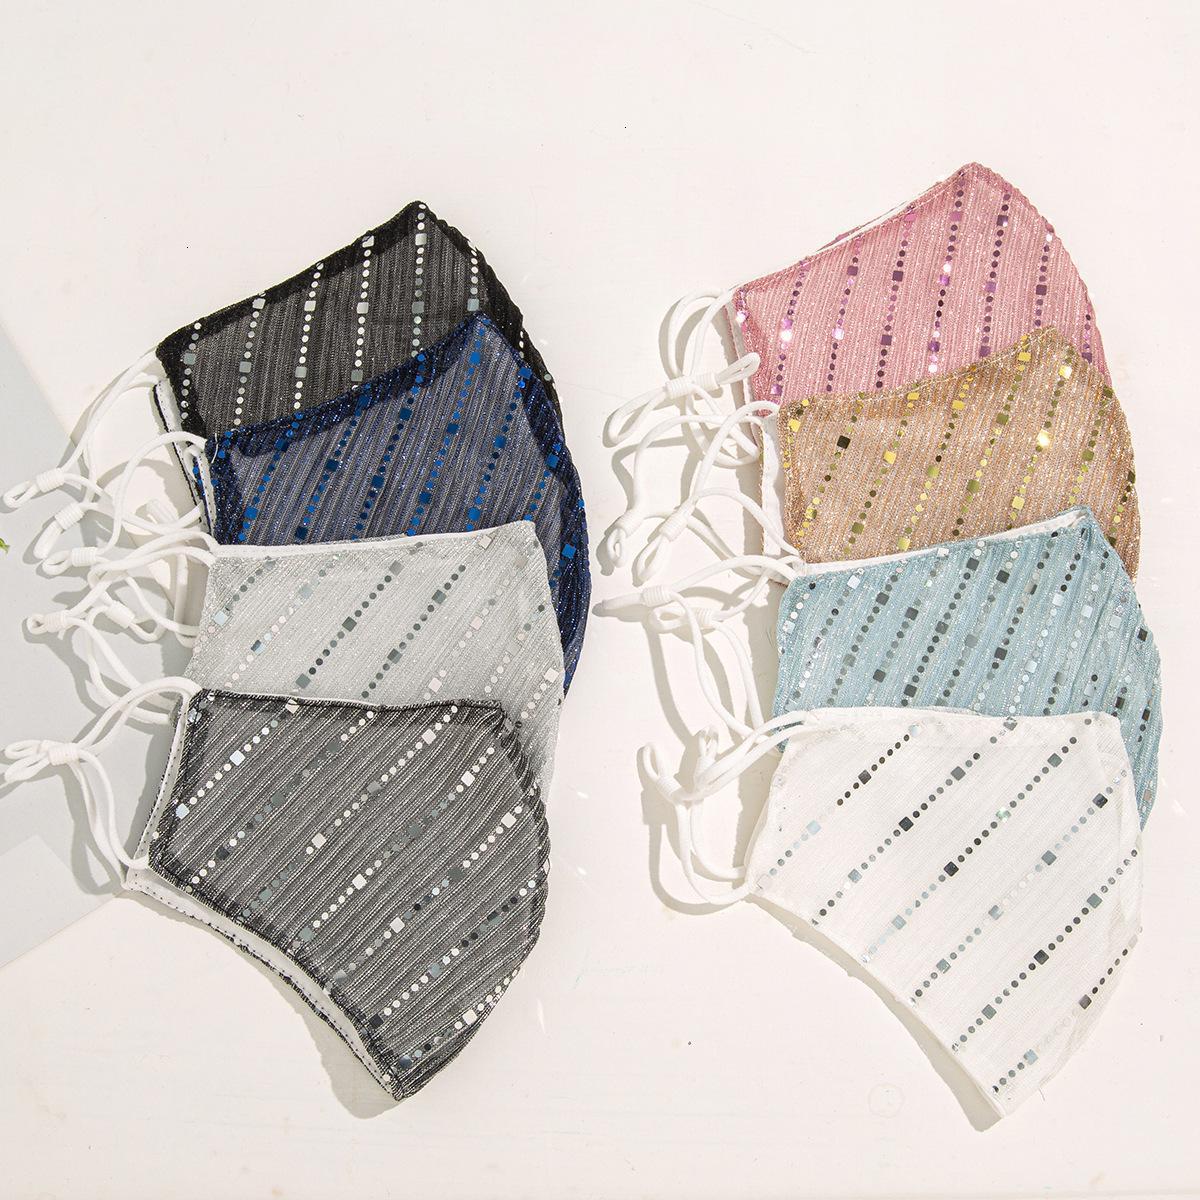 Sparkles Calques 8 Types minces de poussière 2 Coton Masques de concepteurs adultes pour adultes lavables Masque de visage anti-poussière anti-poussière